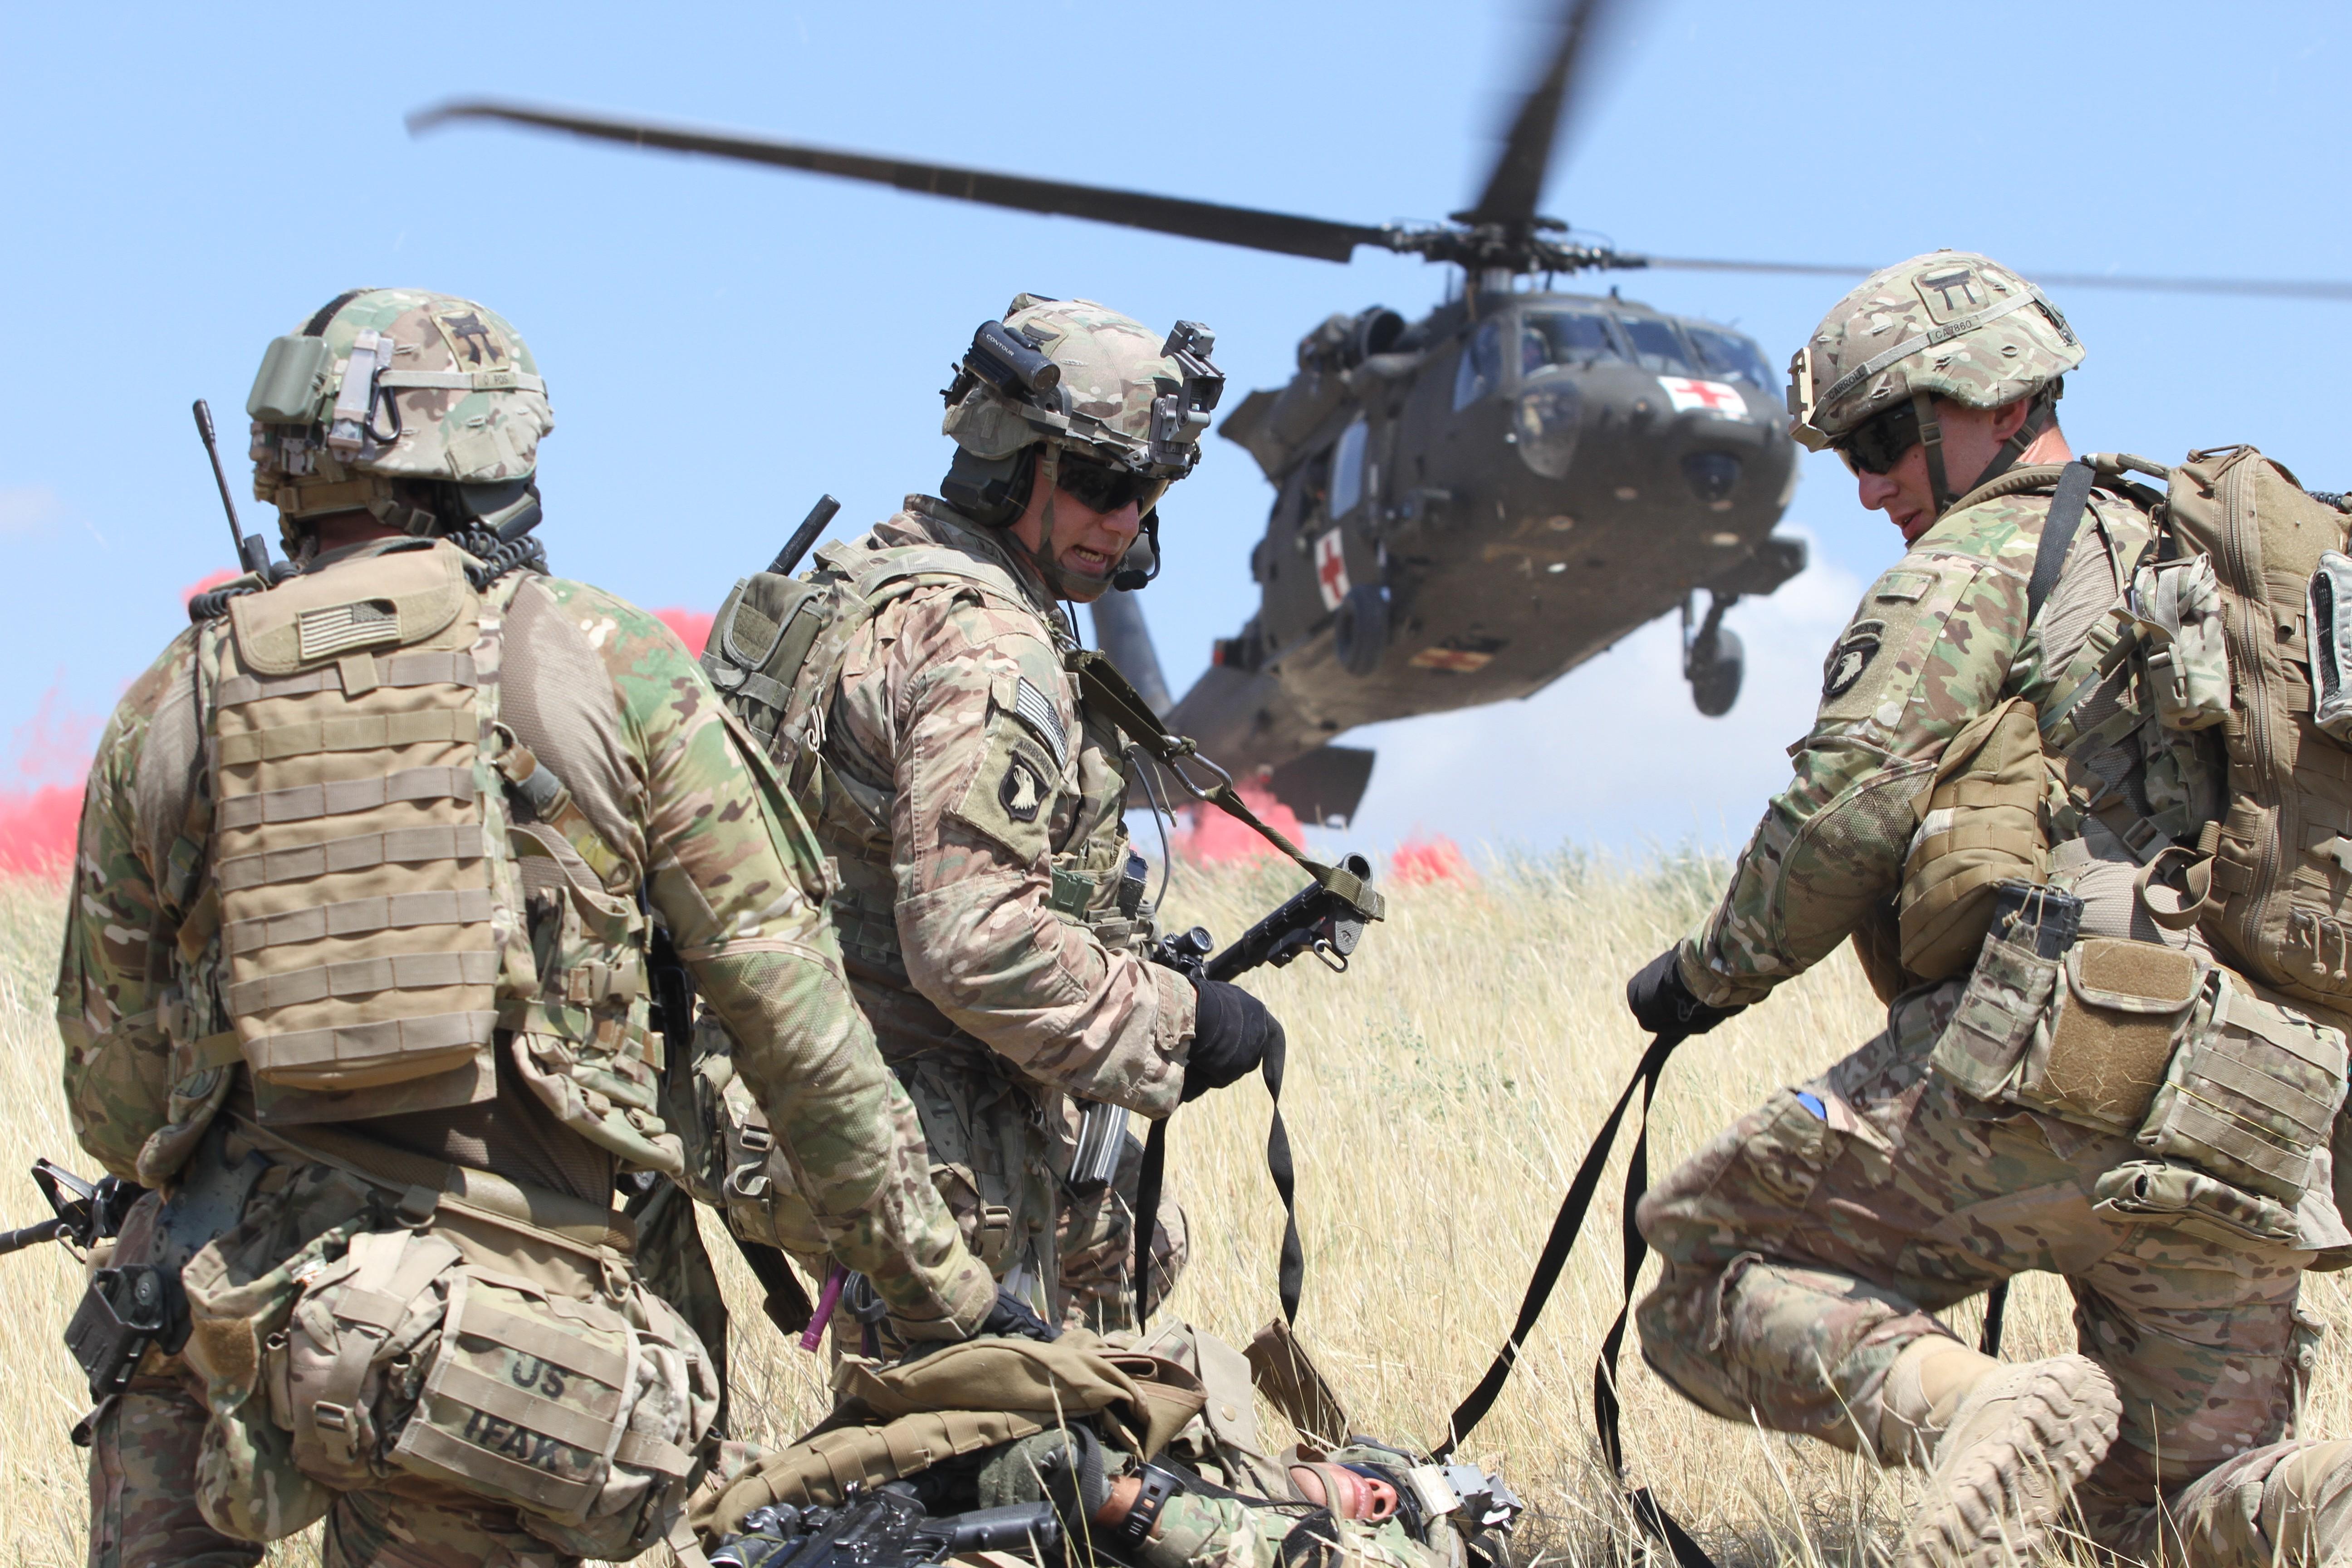 101st Airborne Division S 3bct 101cab Combine